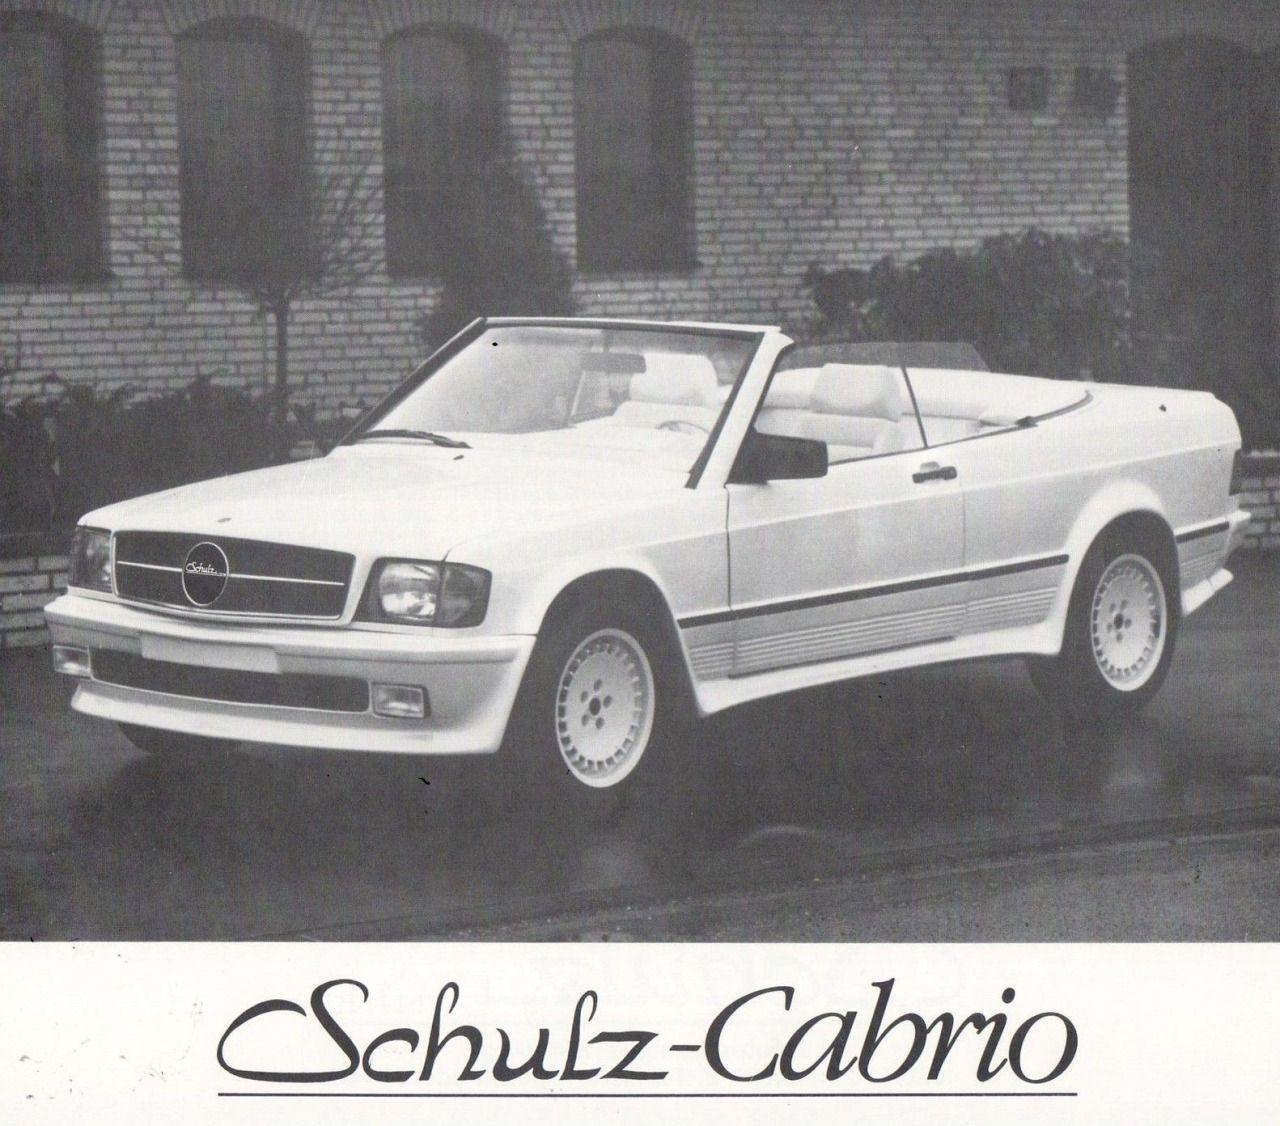 1984 schulz mercedes 190e v8 swap more info here httpauta5p 1984 schulz mercedes 190e v8 swap more info here httpauta5p sciox Gallery